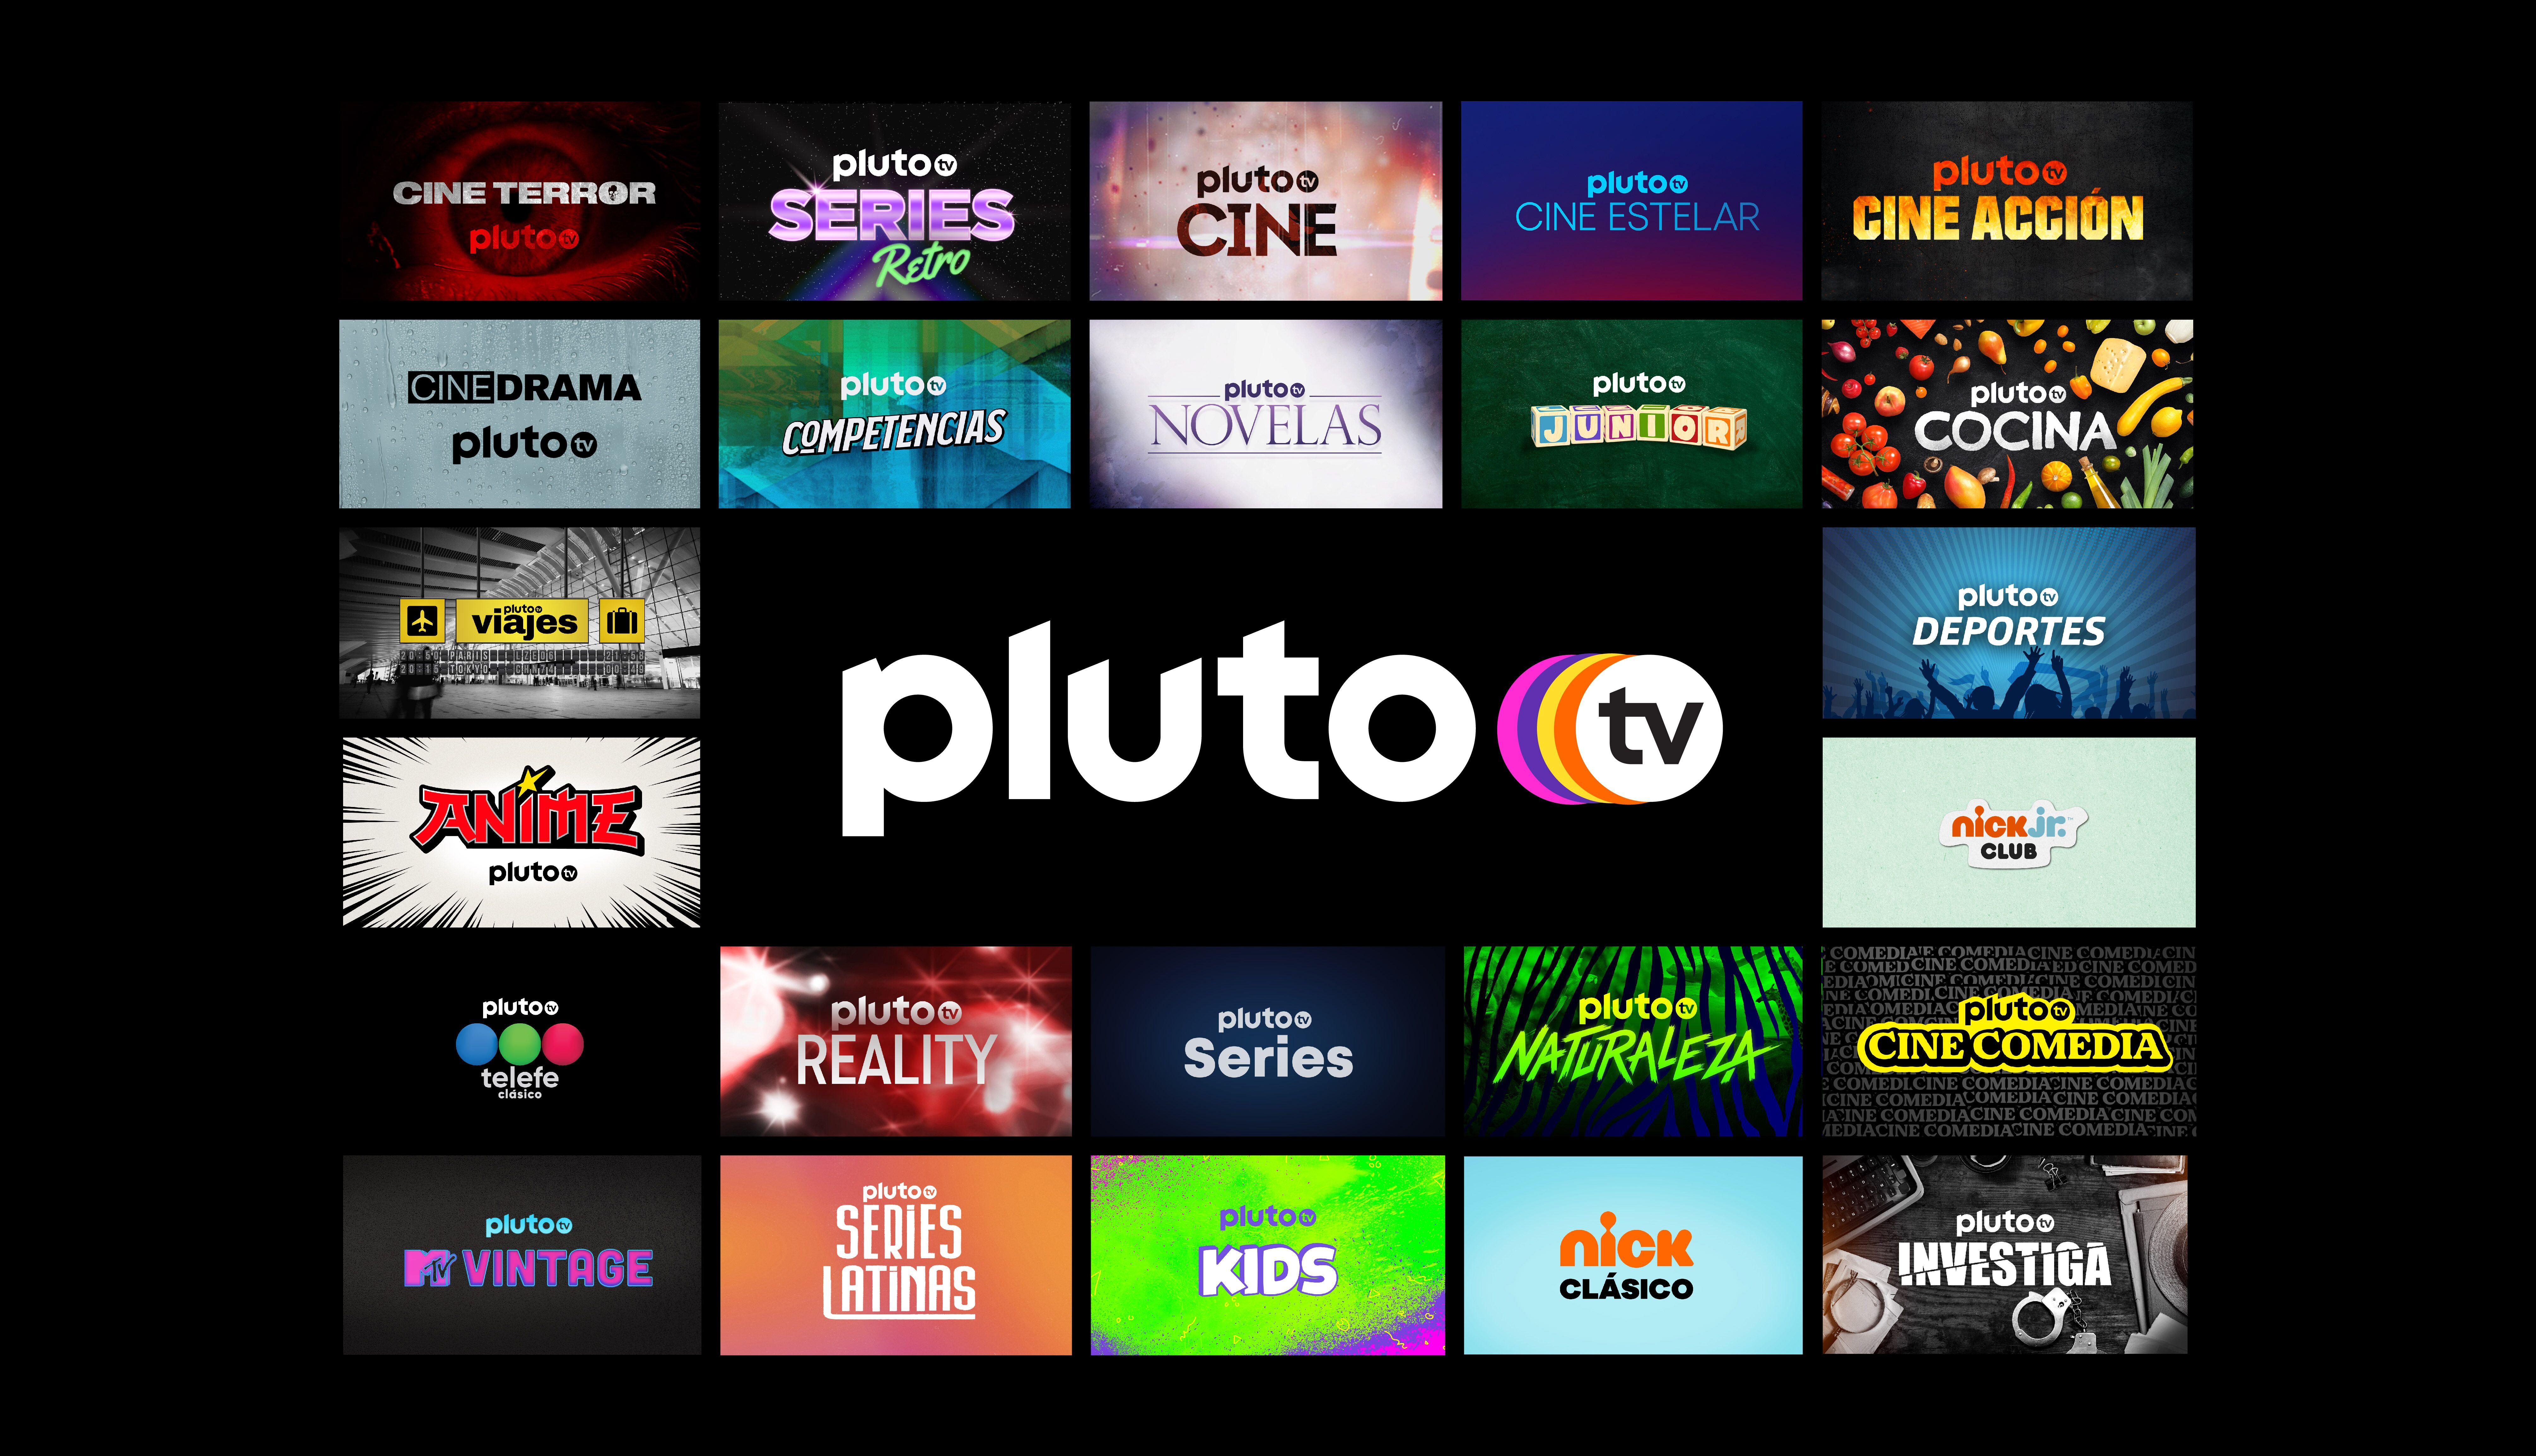 pluto-tv-anuncia-6-nuevos-canales-muy-peculiares-para-latam